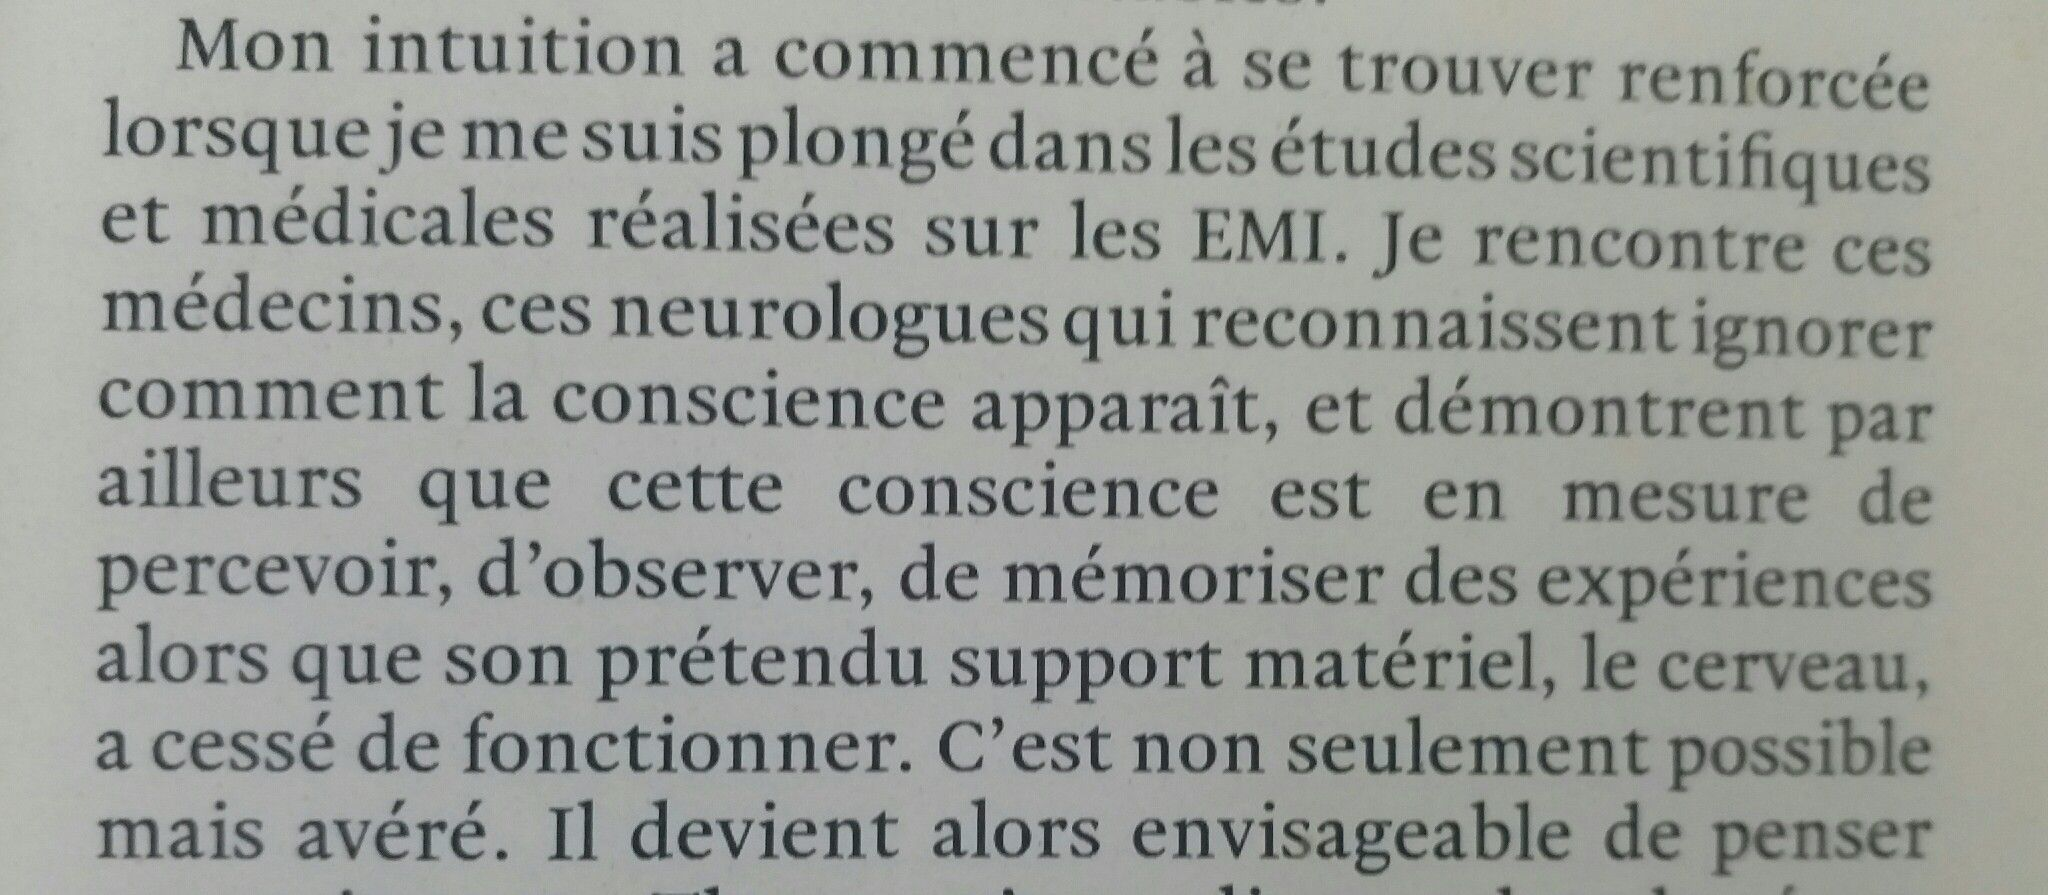 La Mort N Est Pas Une Terre Etrangere Stephane Allix 2009 Neurologue Intuition Mort